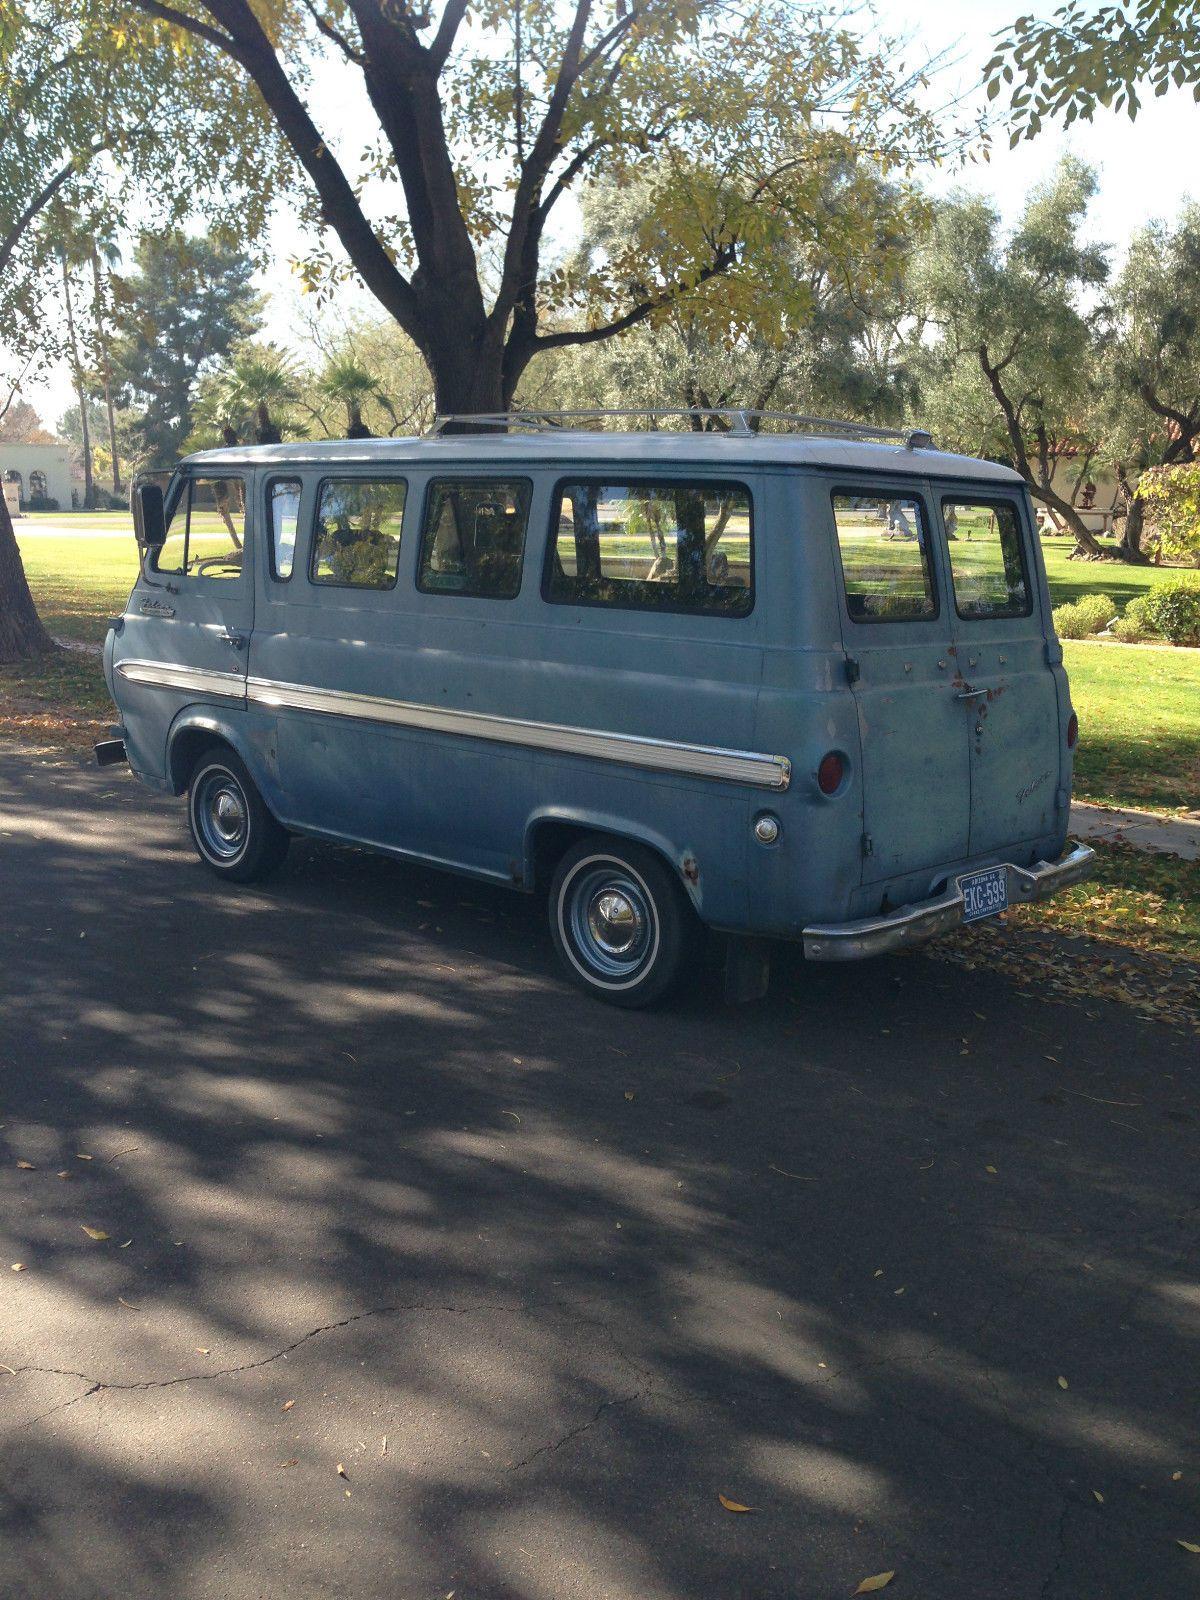 Ford e series van 1964 falcon club wagon econoline